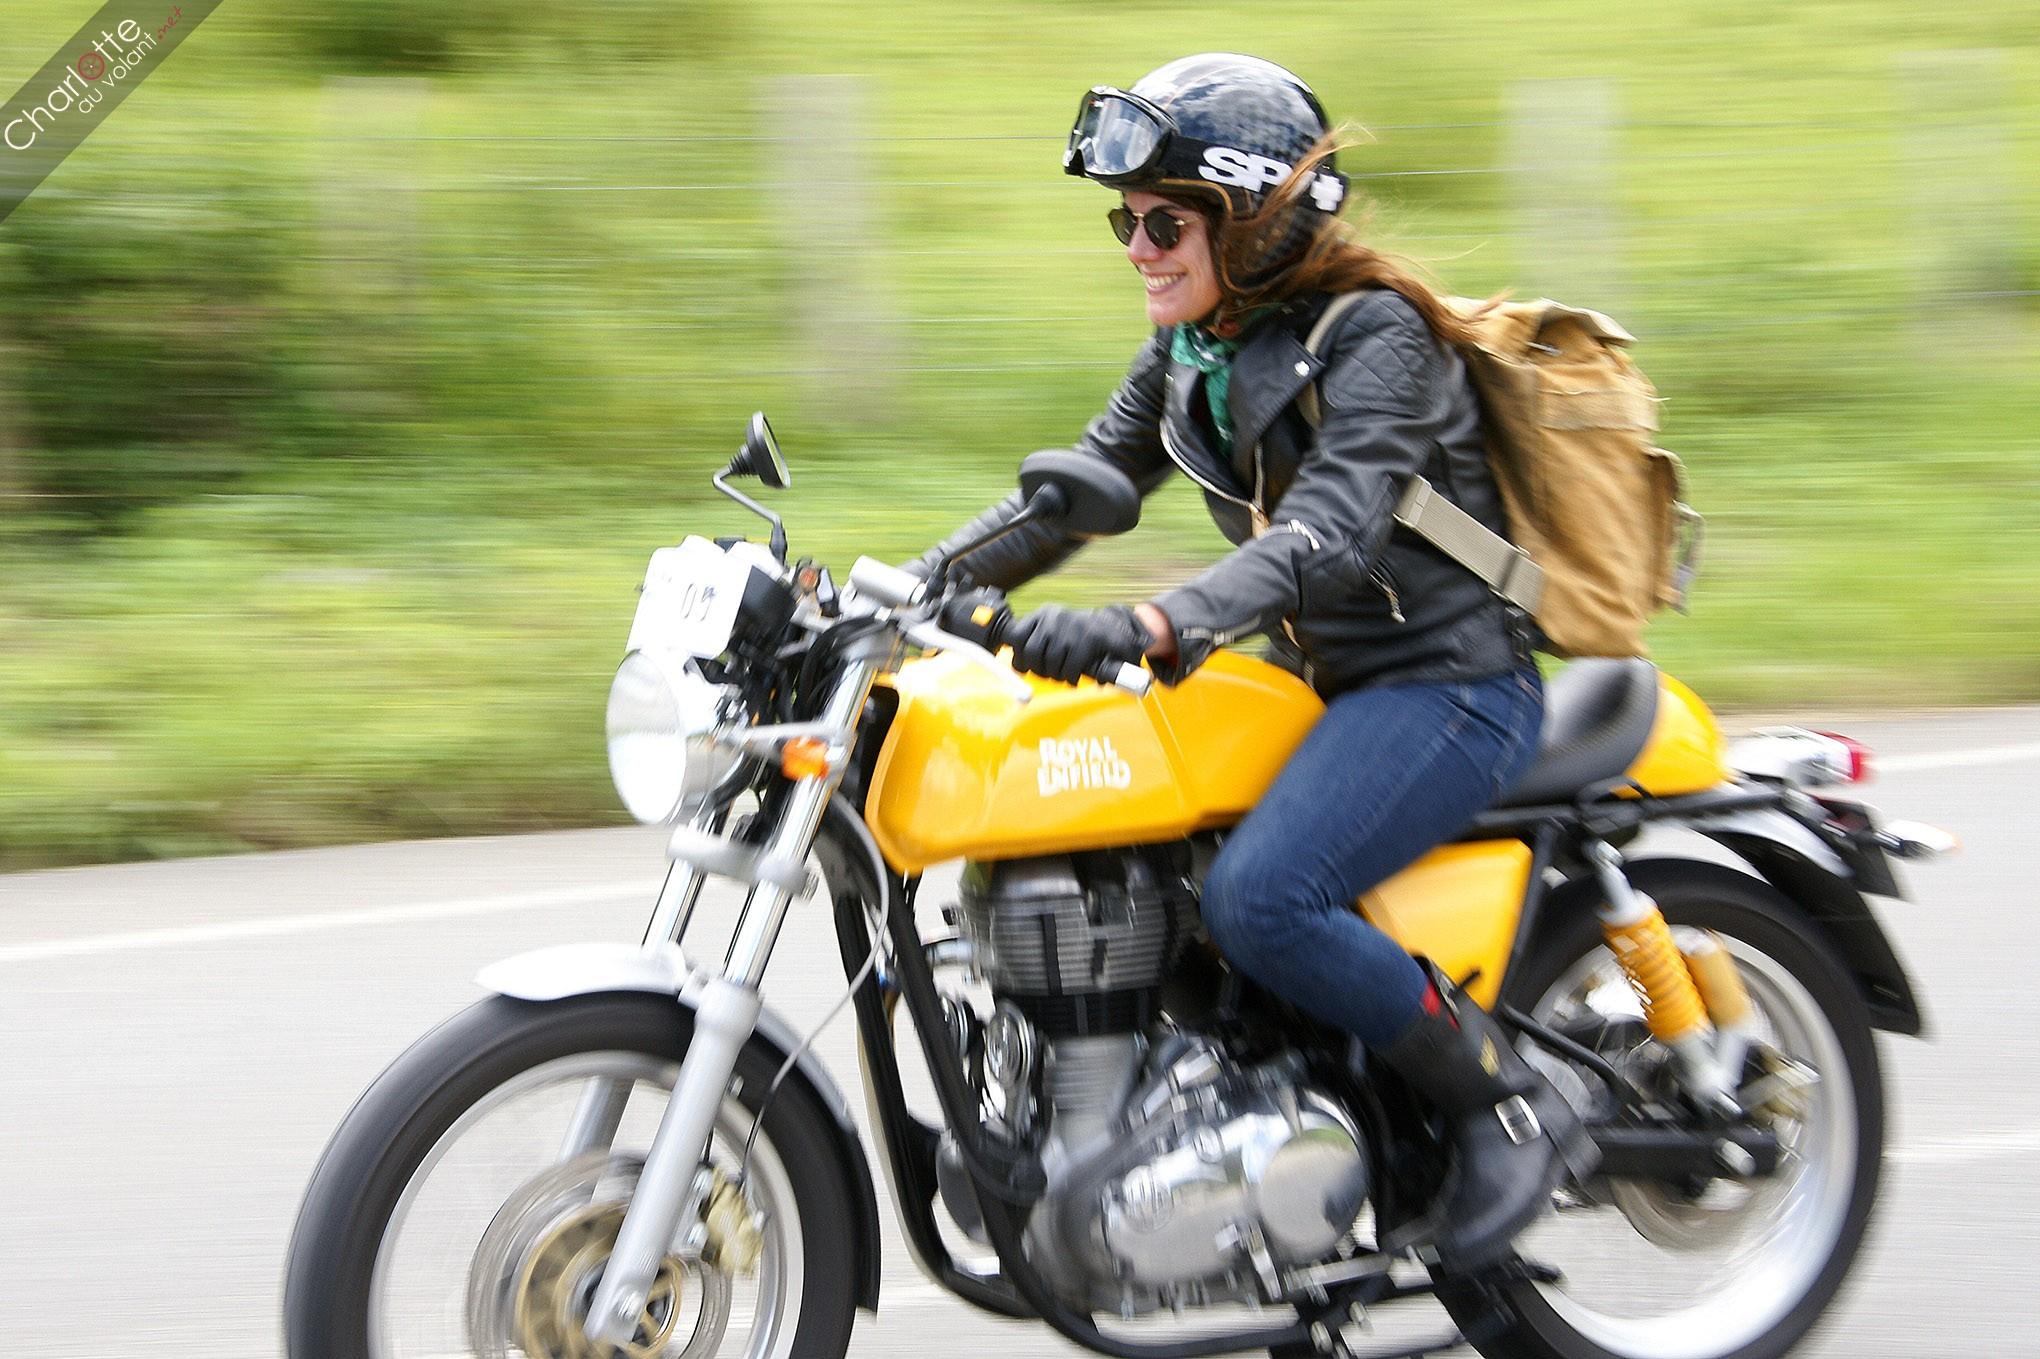 pourquoi la moto revient au galop dans nos coeurs charlotteauvolant. Black Bedroom Furniture Sets. Home Design Ideas